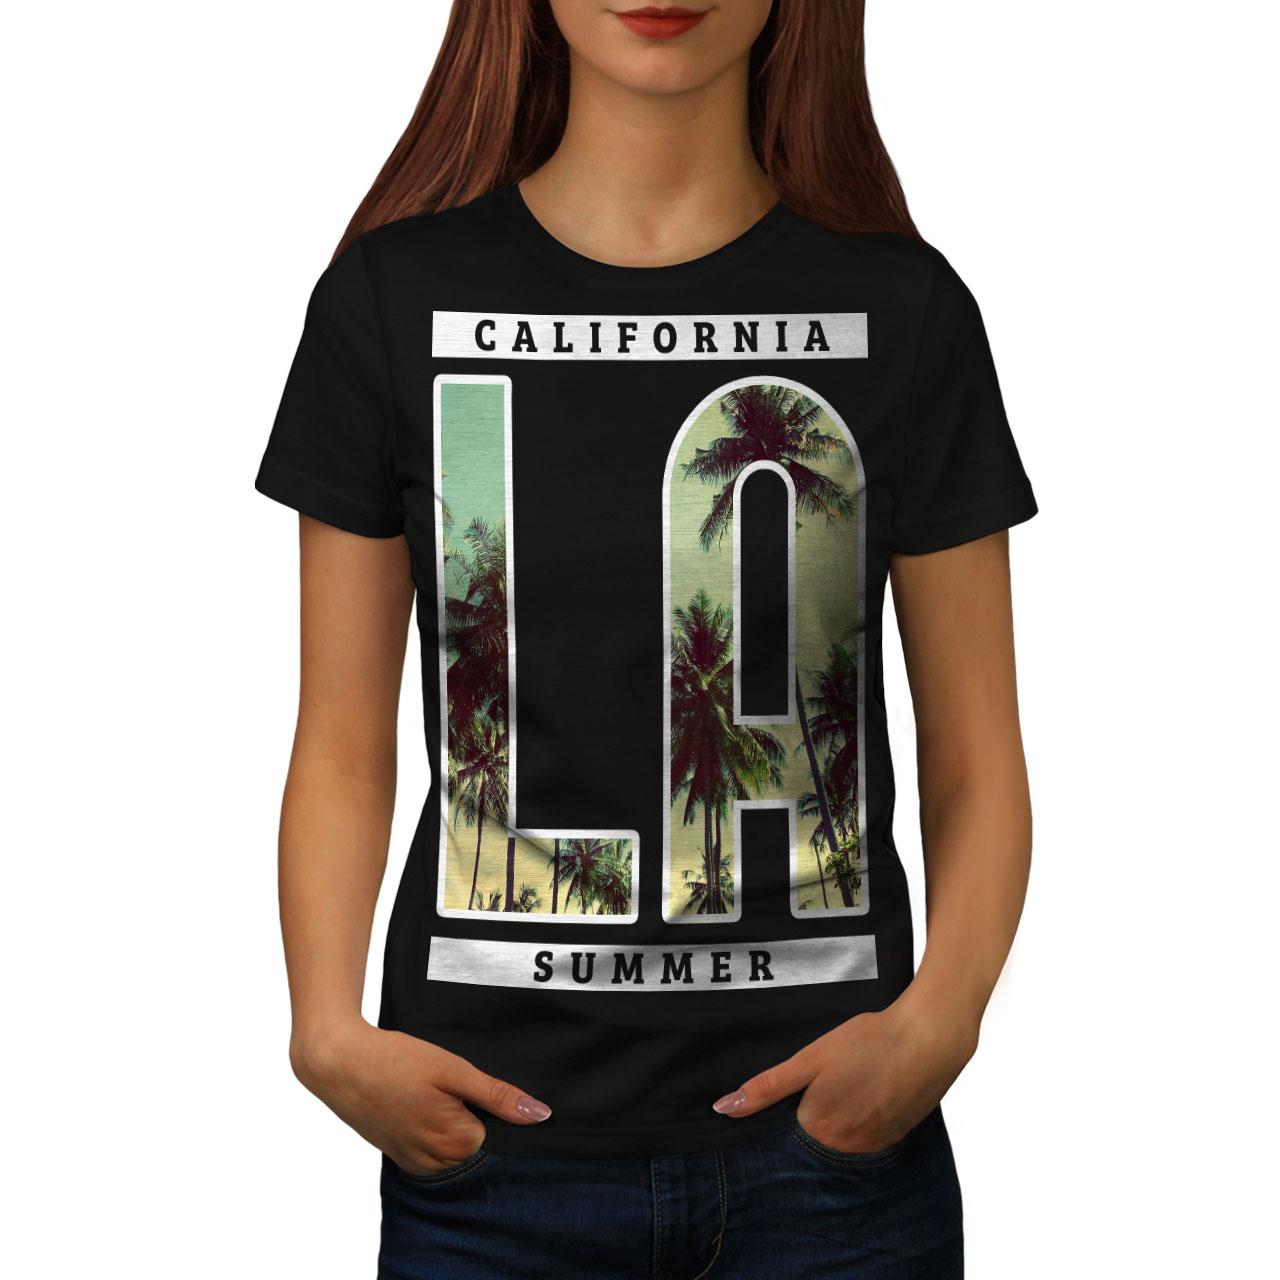 M Slim Fit NEU /& OVP Herren T-Shirt California schwarz mit Aufdruck Gr